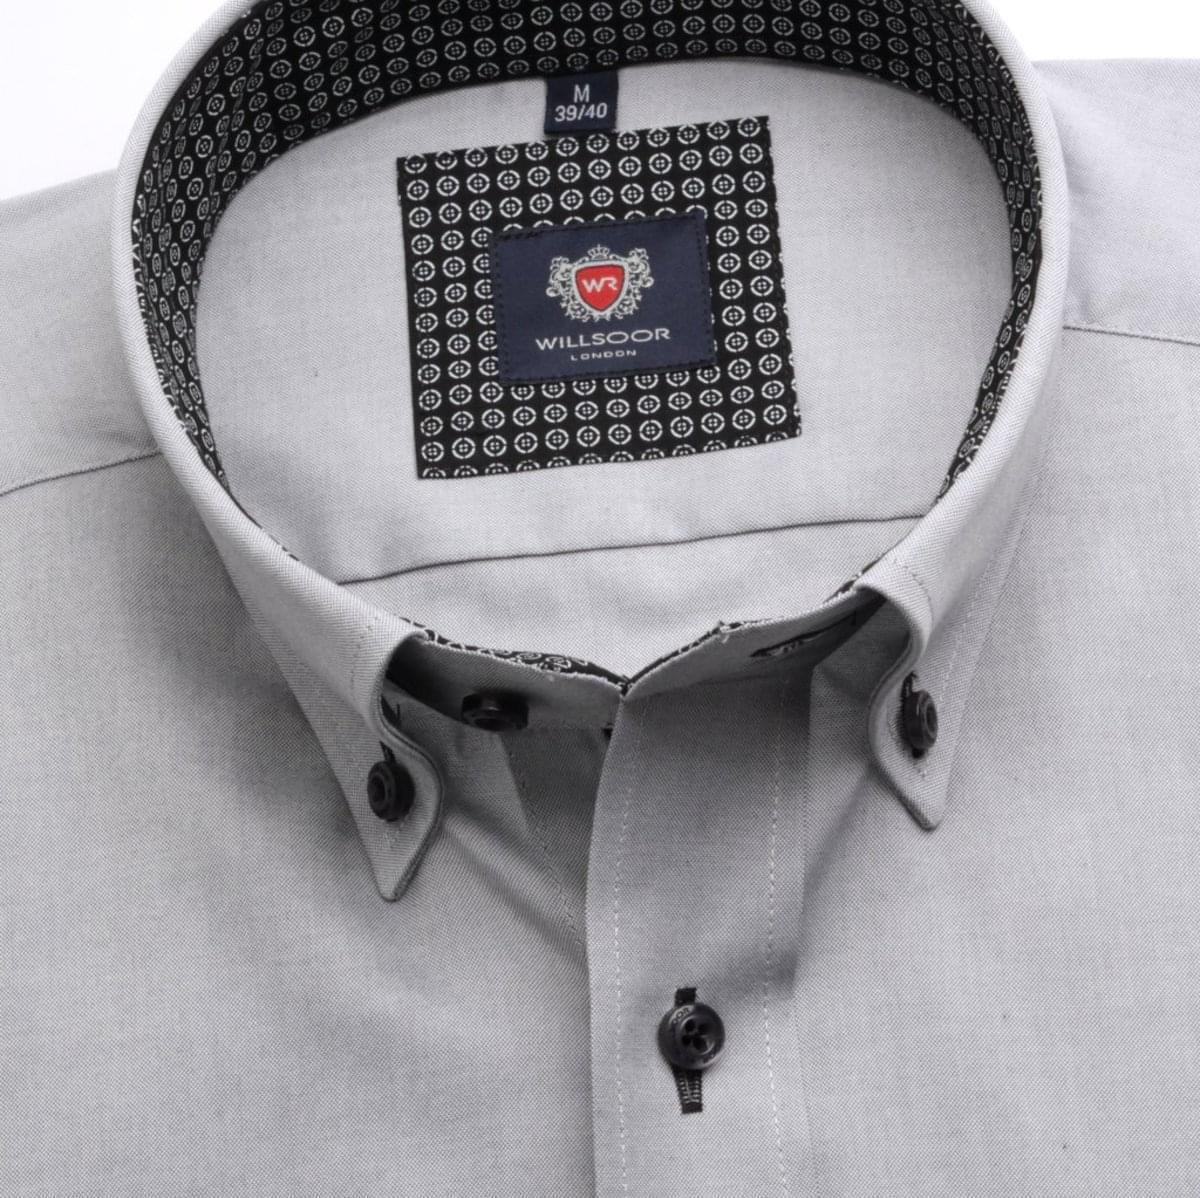 Pánská klasická košile London (výška 176-182) 6996 v šedé barvě s formulí Easy Care 176-182 / XXL (45/46)